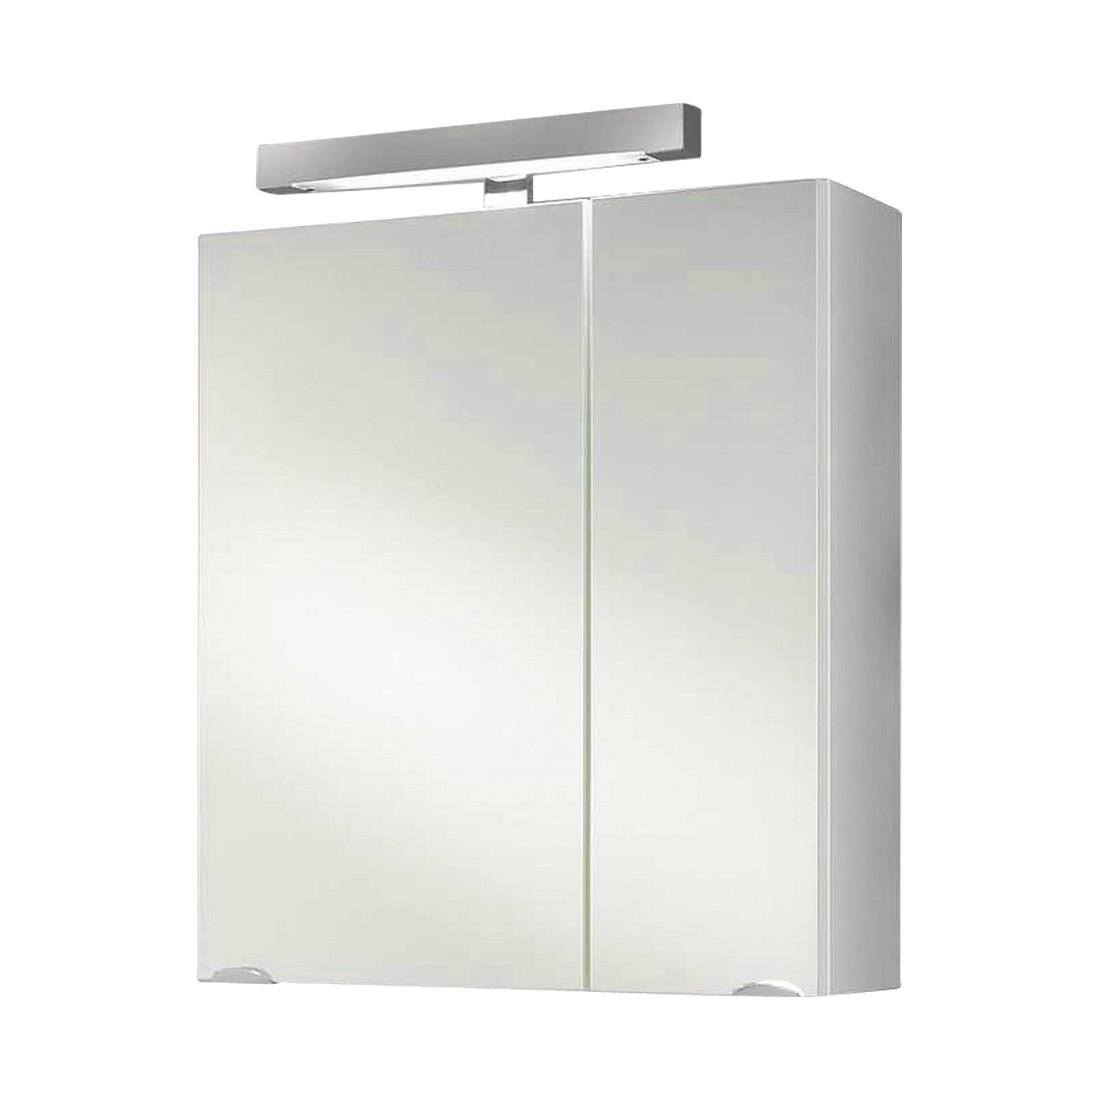 Spiegelschrank Malaga (mit Beleuchtung)